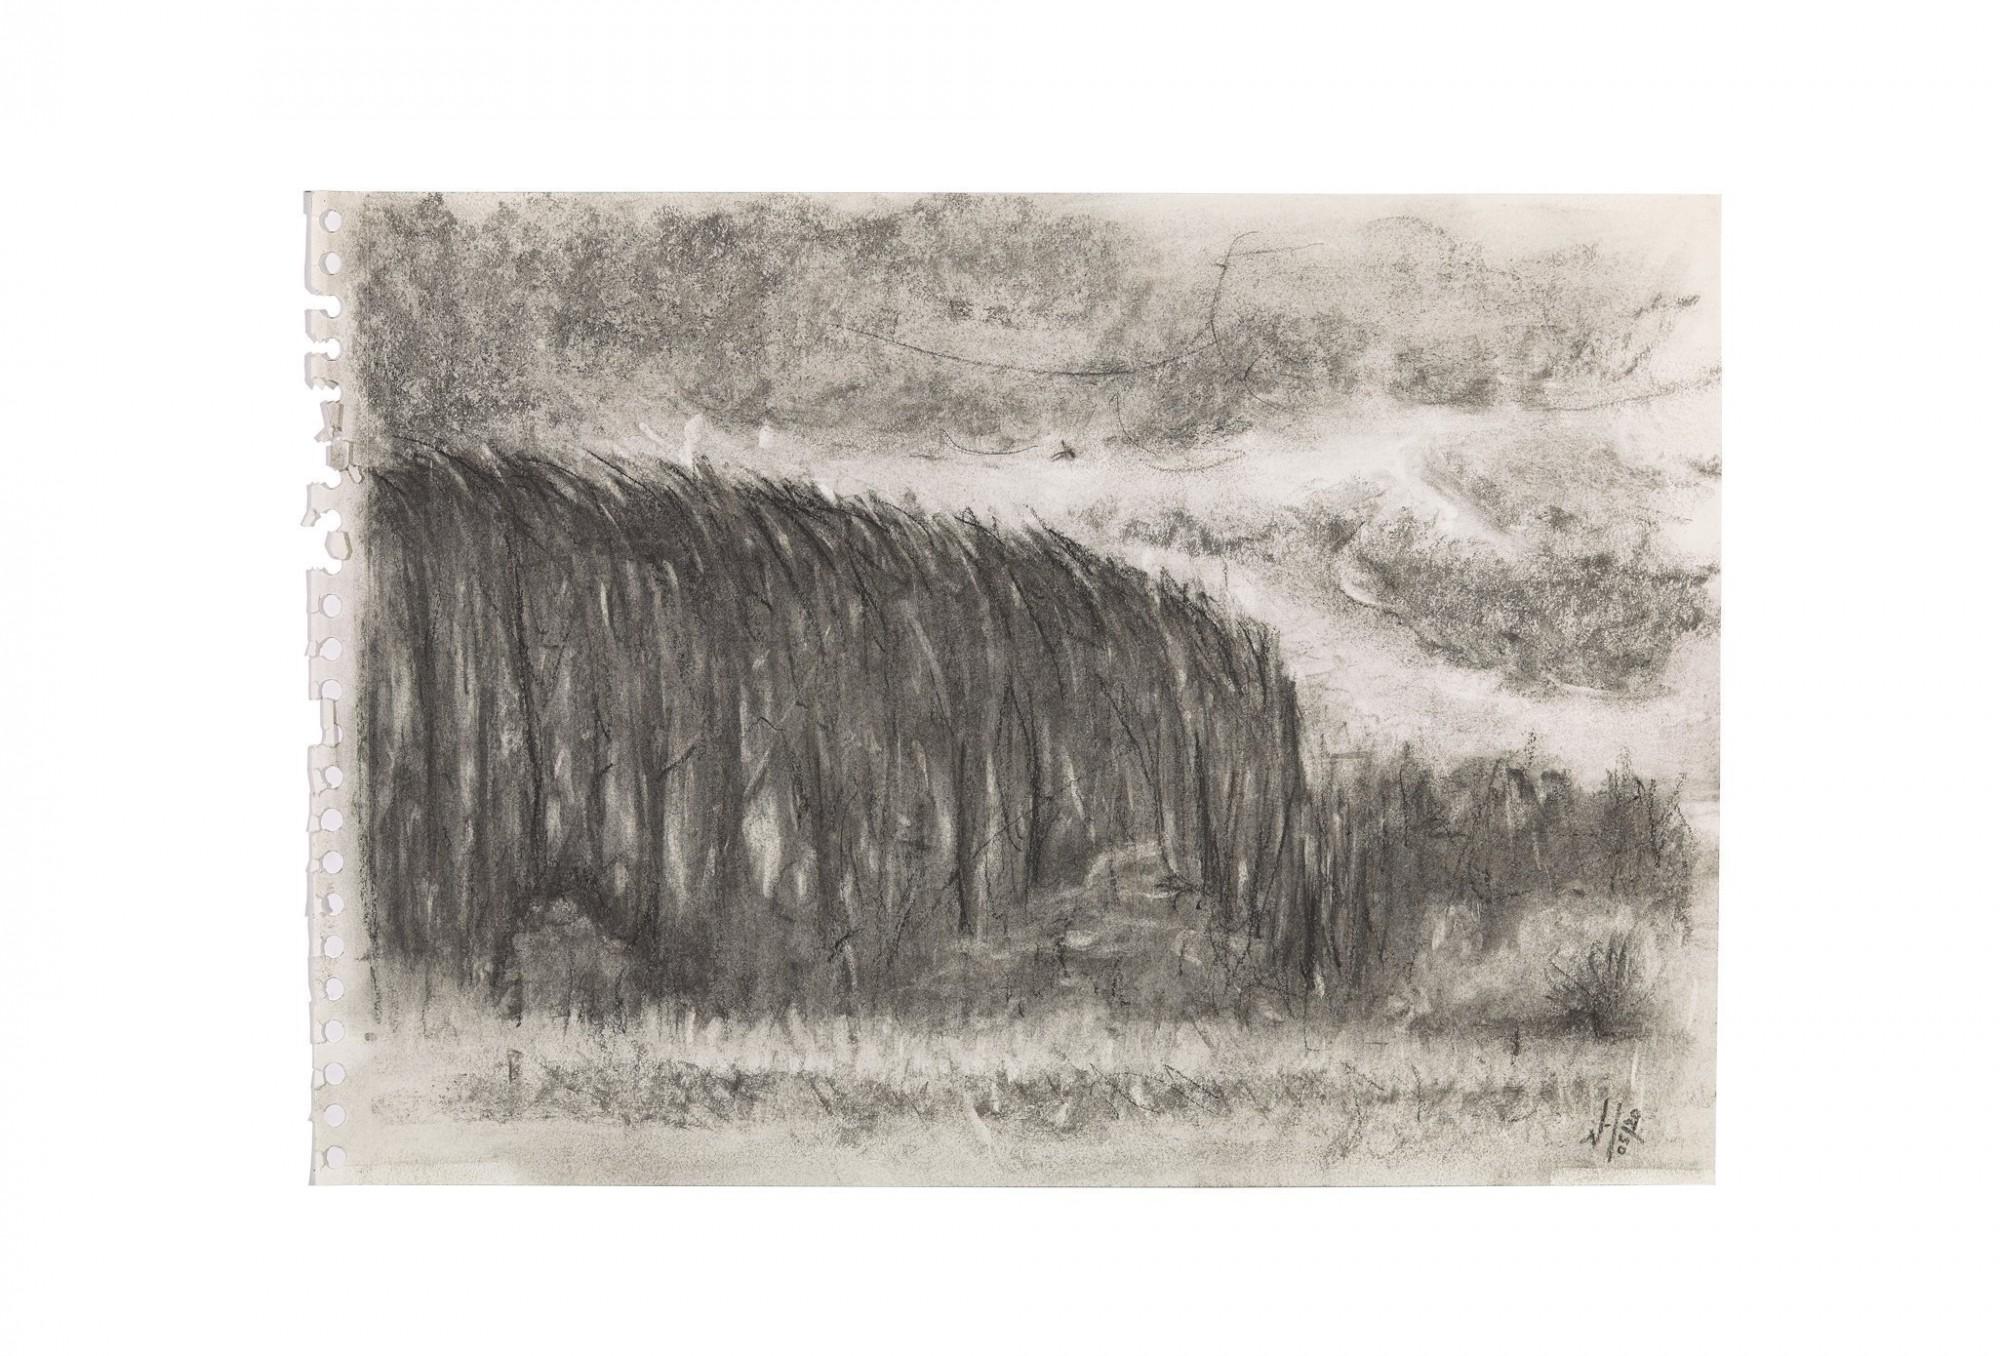 Afbeelding: Houtskool tekening H24_05_2020 - wind in de populieren - Ginoven - Vallei van het Merkske